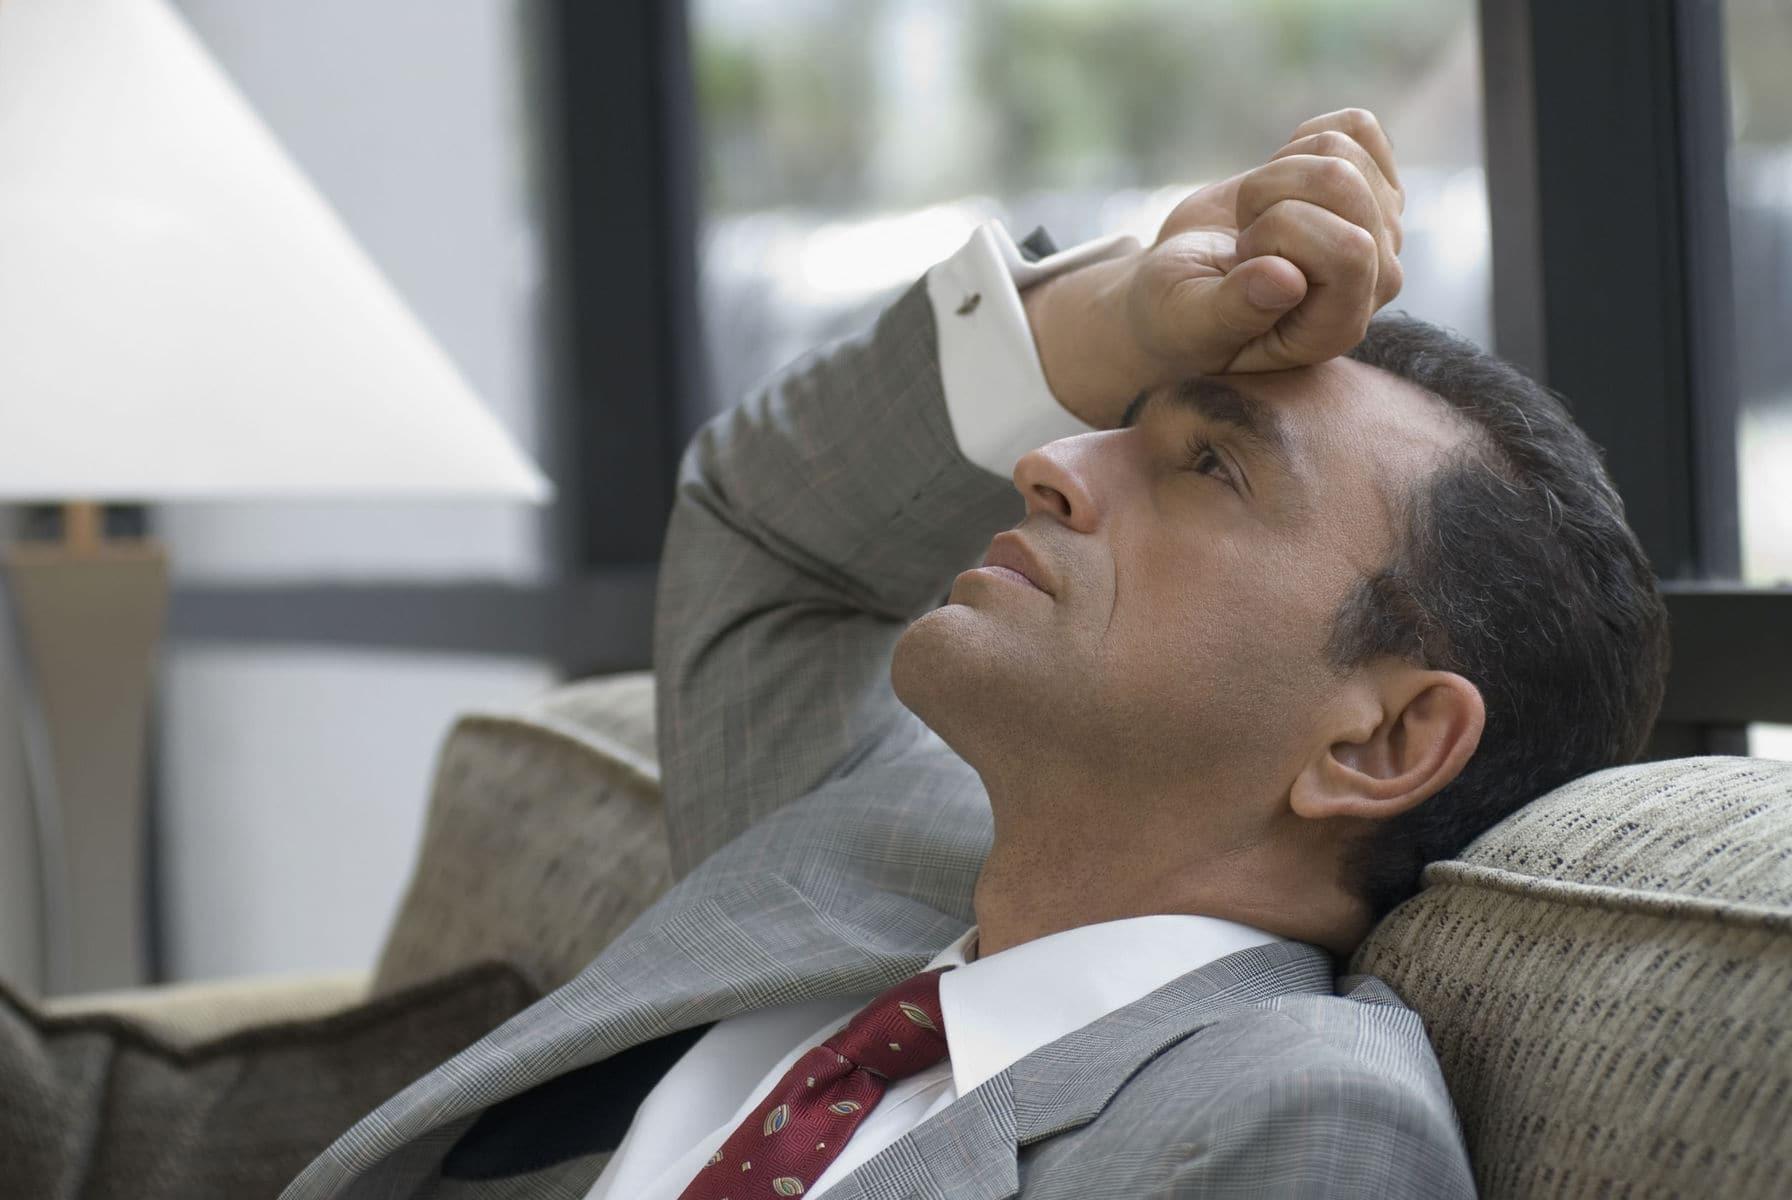 Man sat overwhelmed